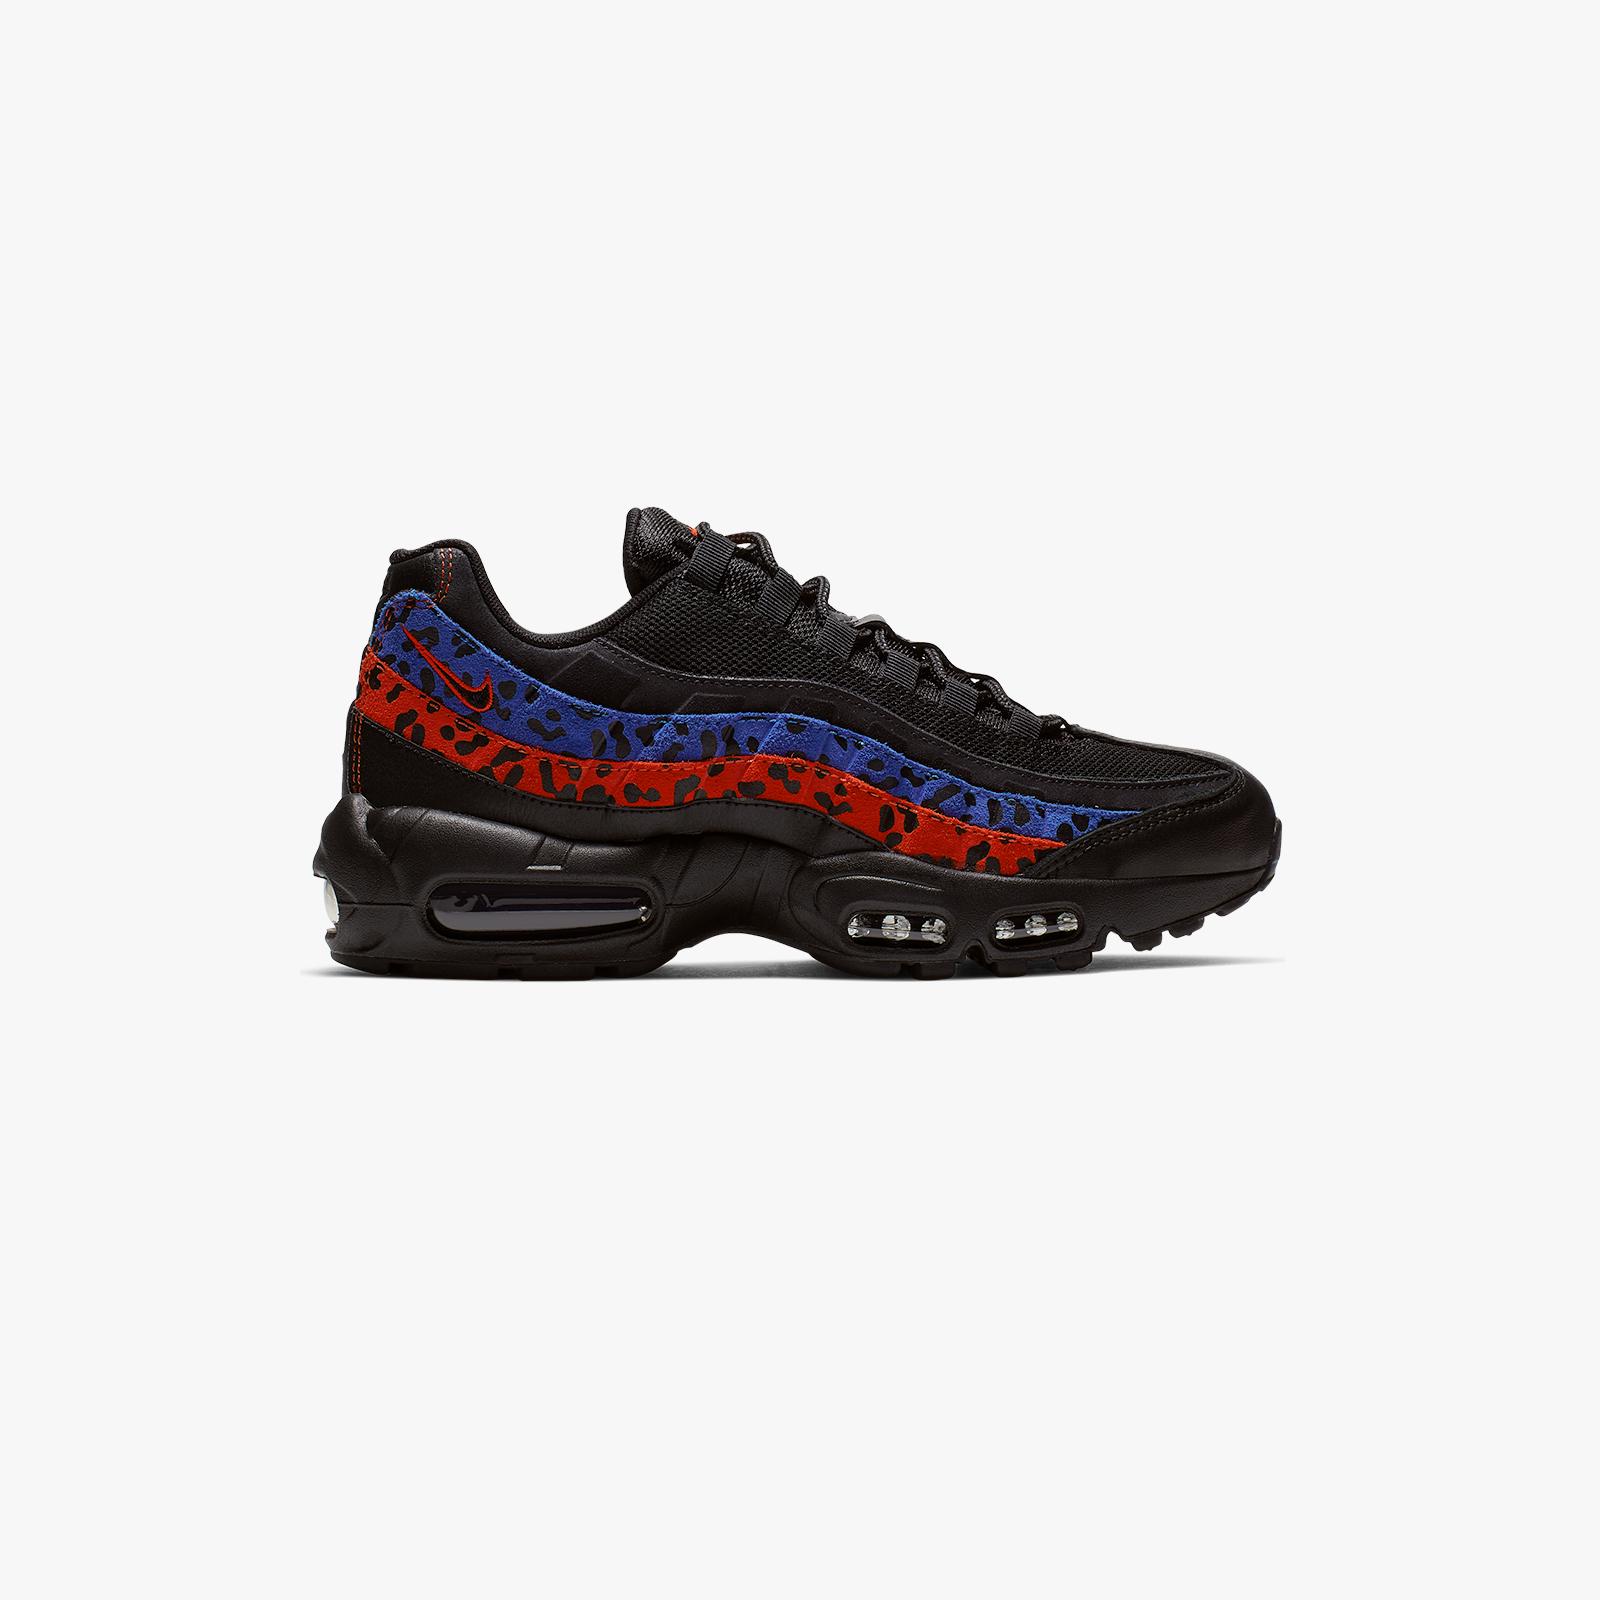 Nike WMNS Air Max 95 Premium 'Black Leopard' | CD0180 001